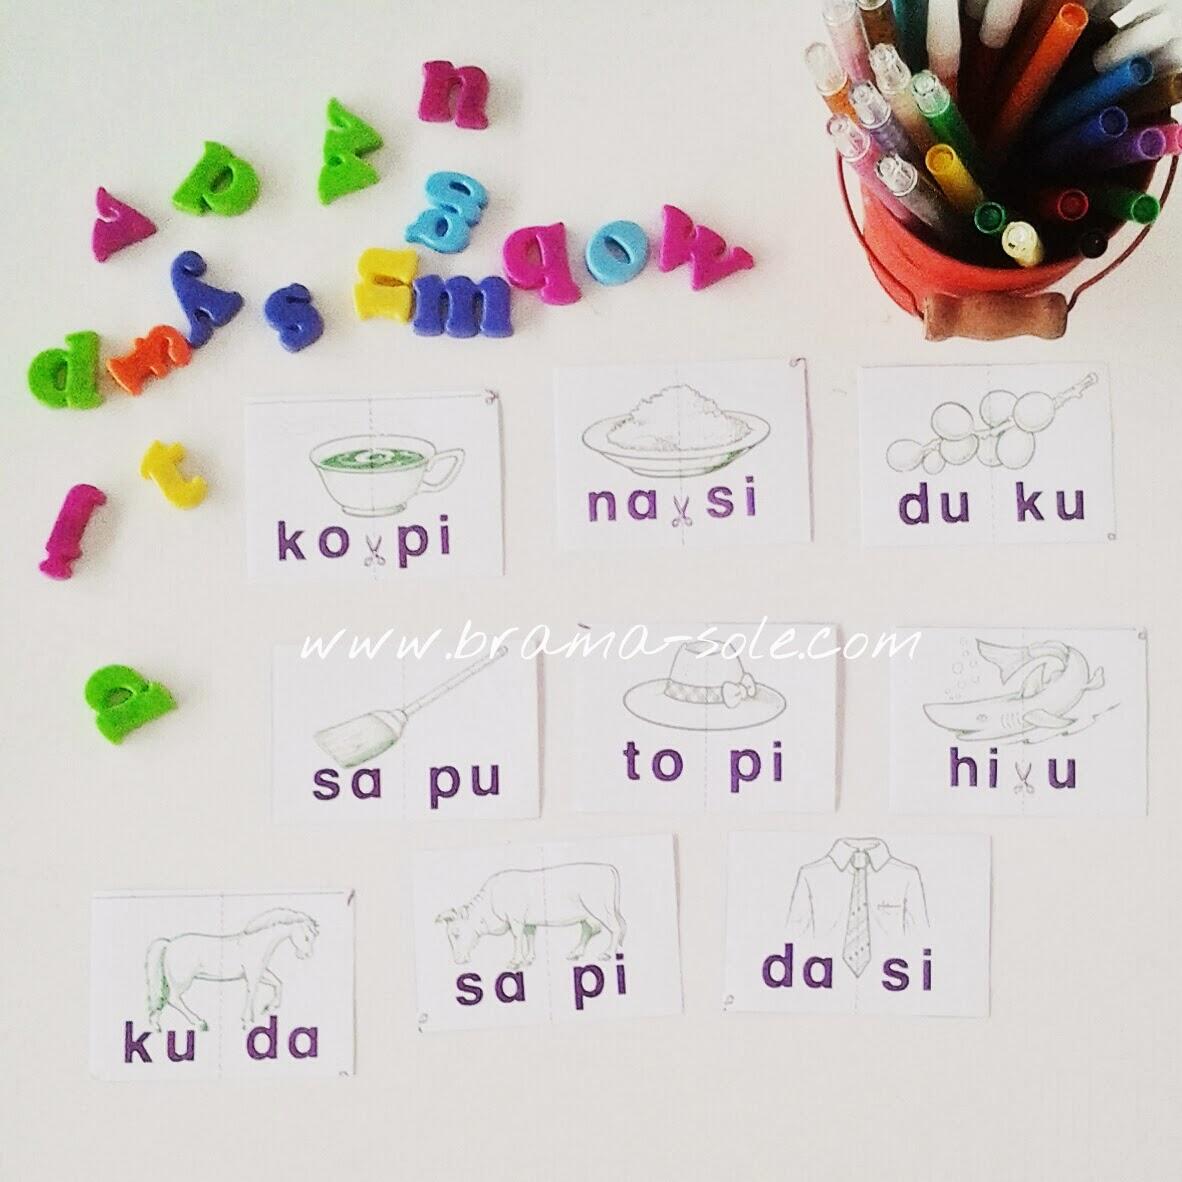 Contoh Soal Latihan Untuk Anak Tk Belajar Berhitung Untuk Anak Tk Hani Dan Bunga Cantik Soal